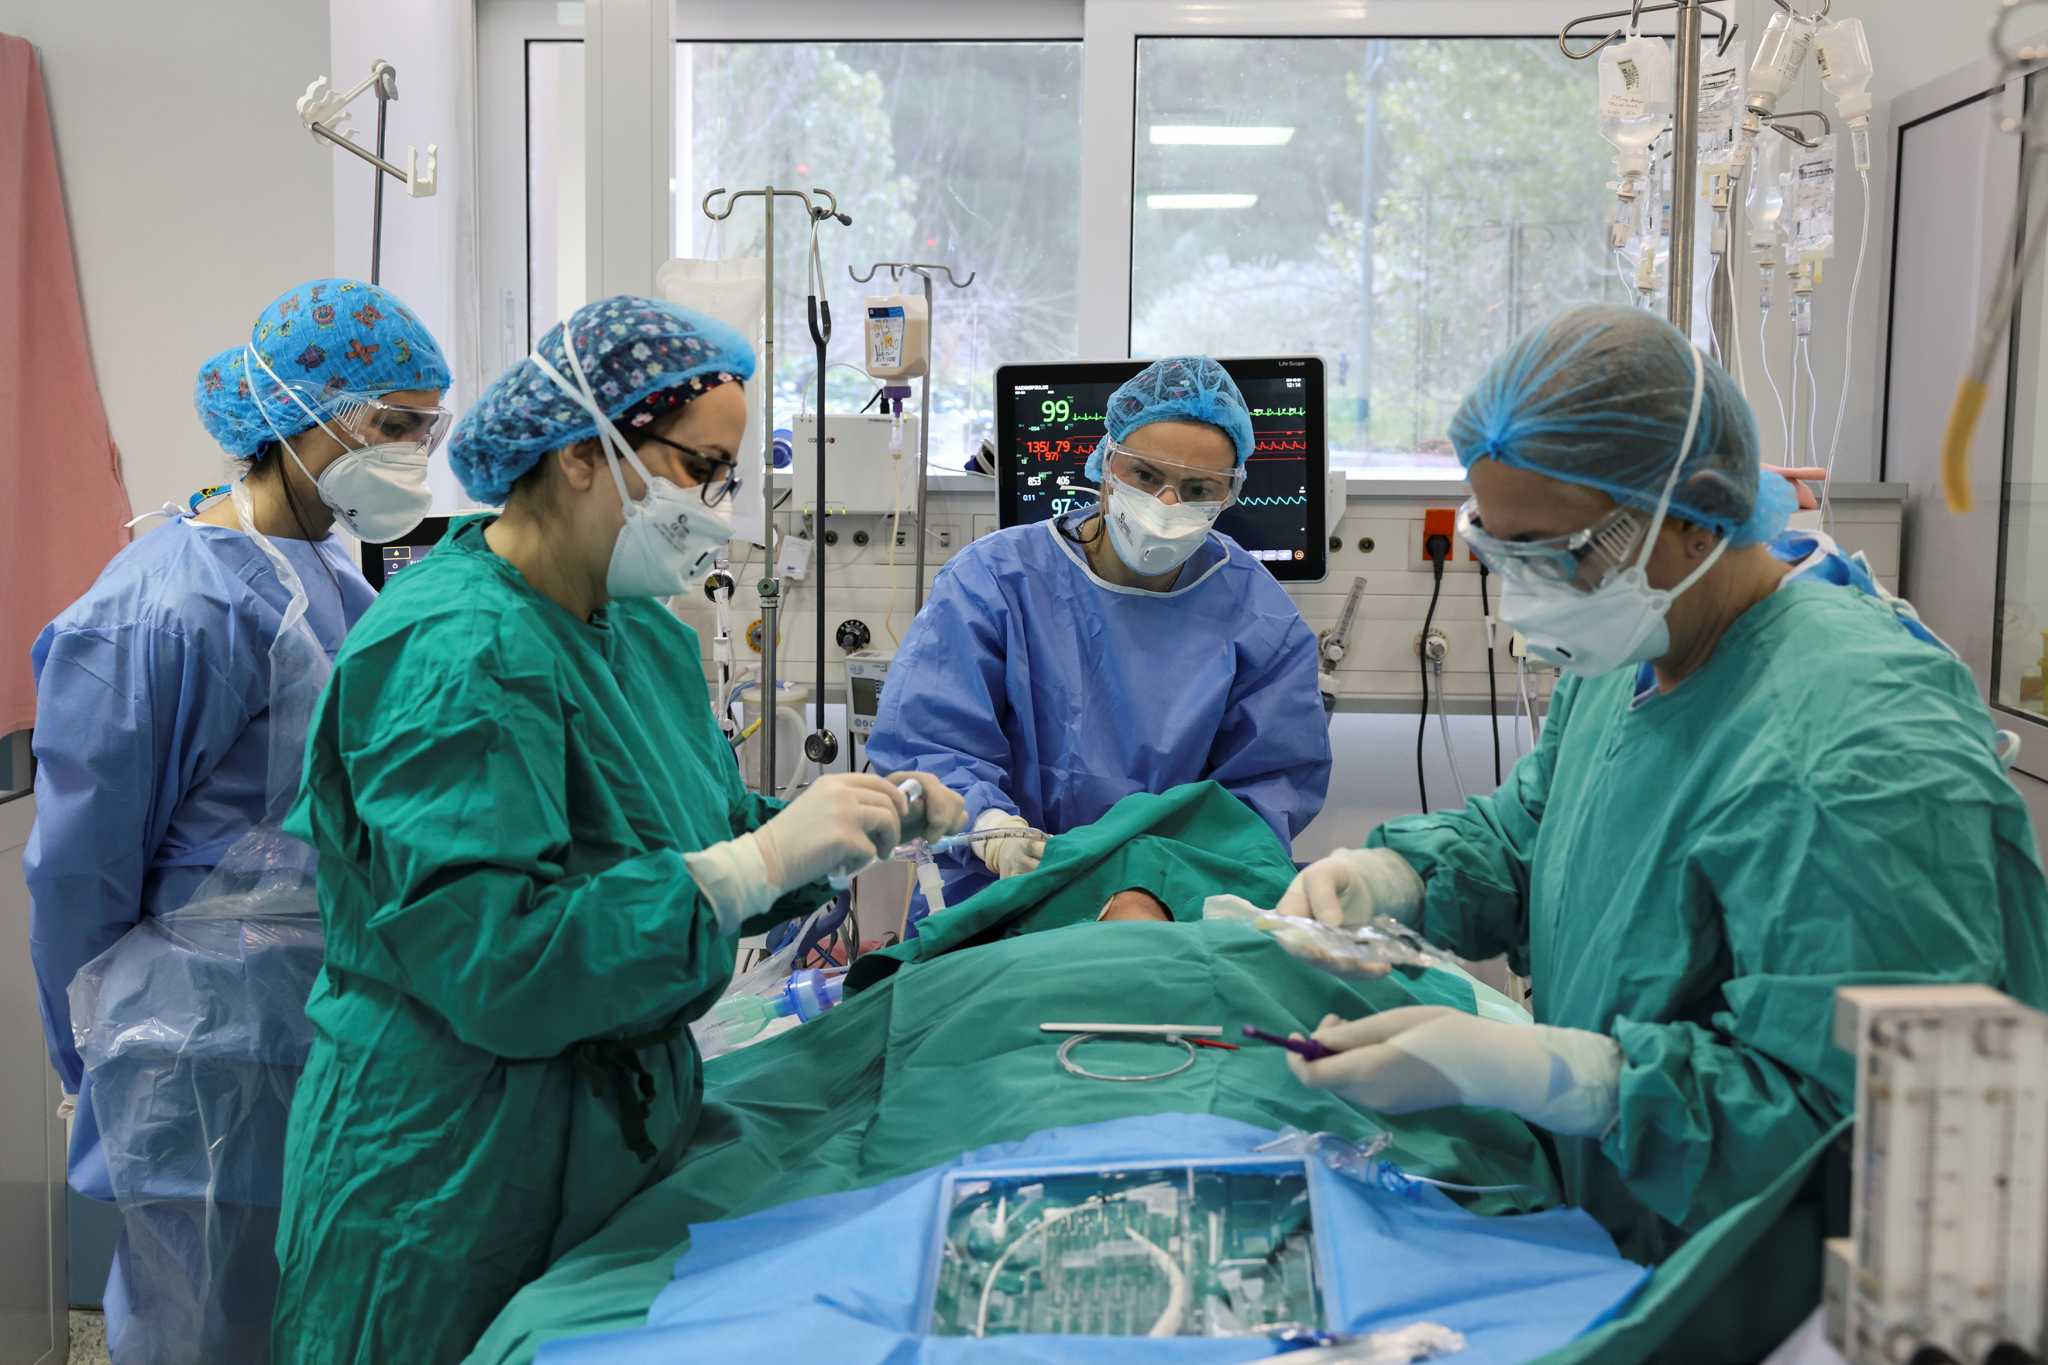 Κρήτη – Κορονοϊός: Η κατάσταση στα νοσοκομεία με αριθμούς – Η πιο κρίσιμη περίοδος της μάχης